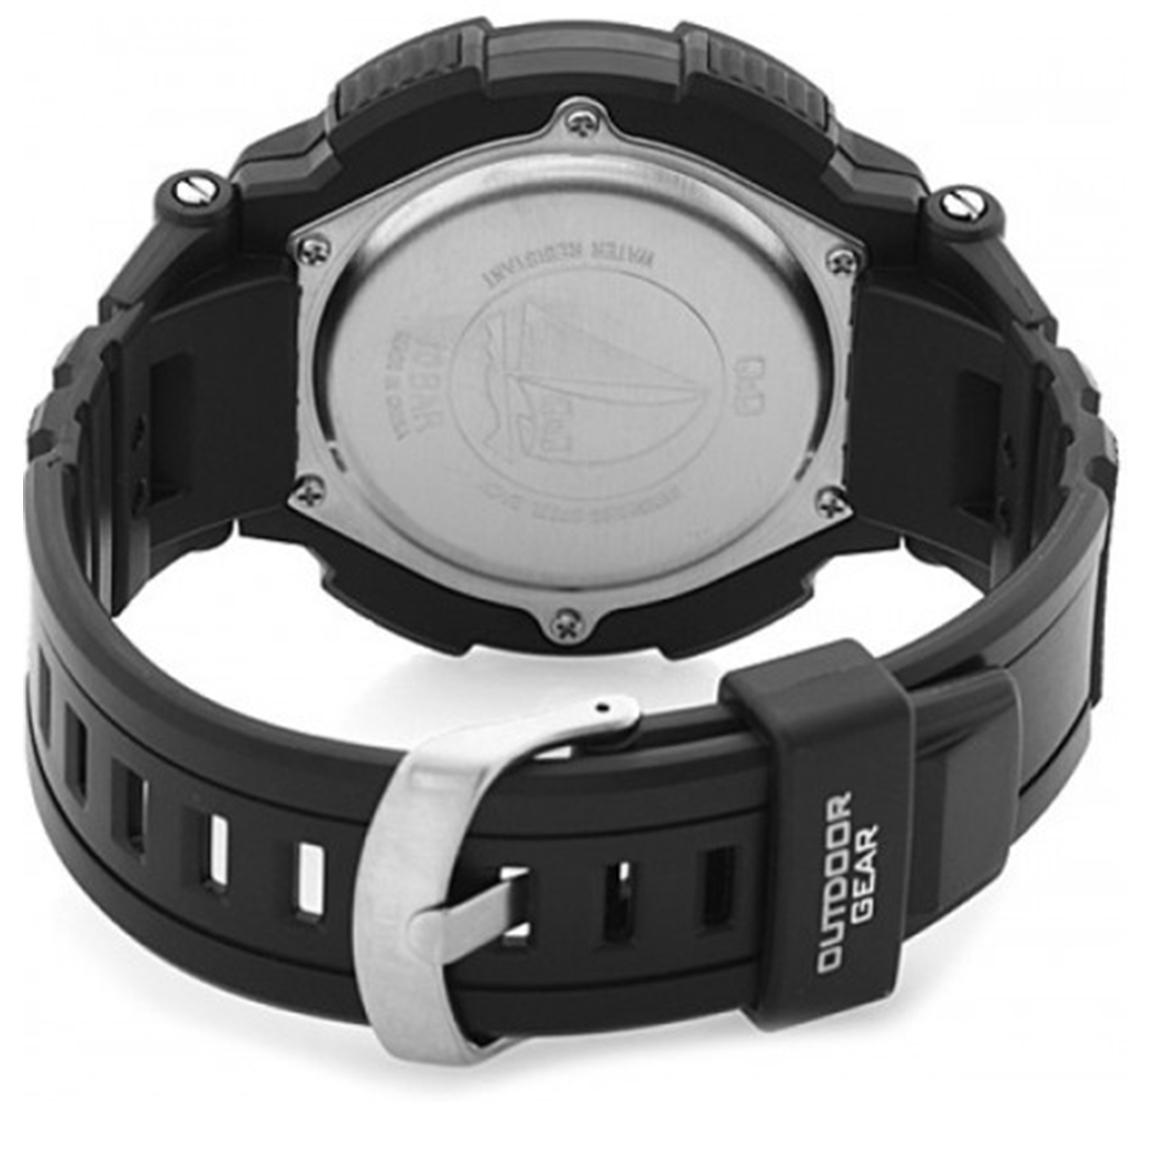 ساعت مچی دیجیتال مردانه کیو اند کیو کد n019-413             قیمت